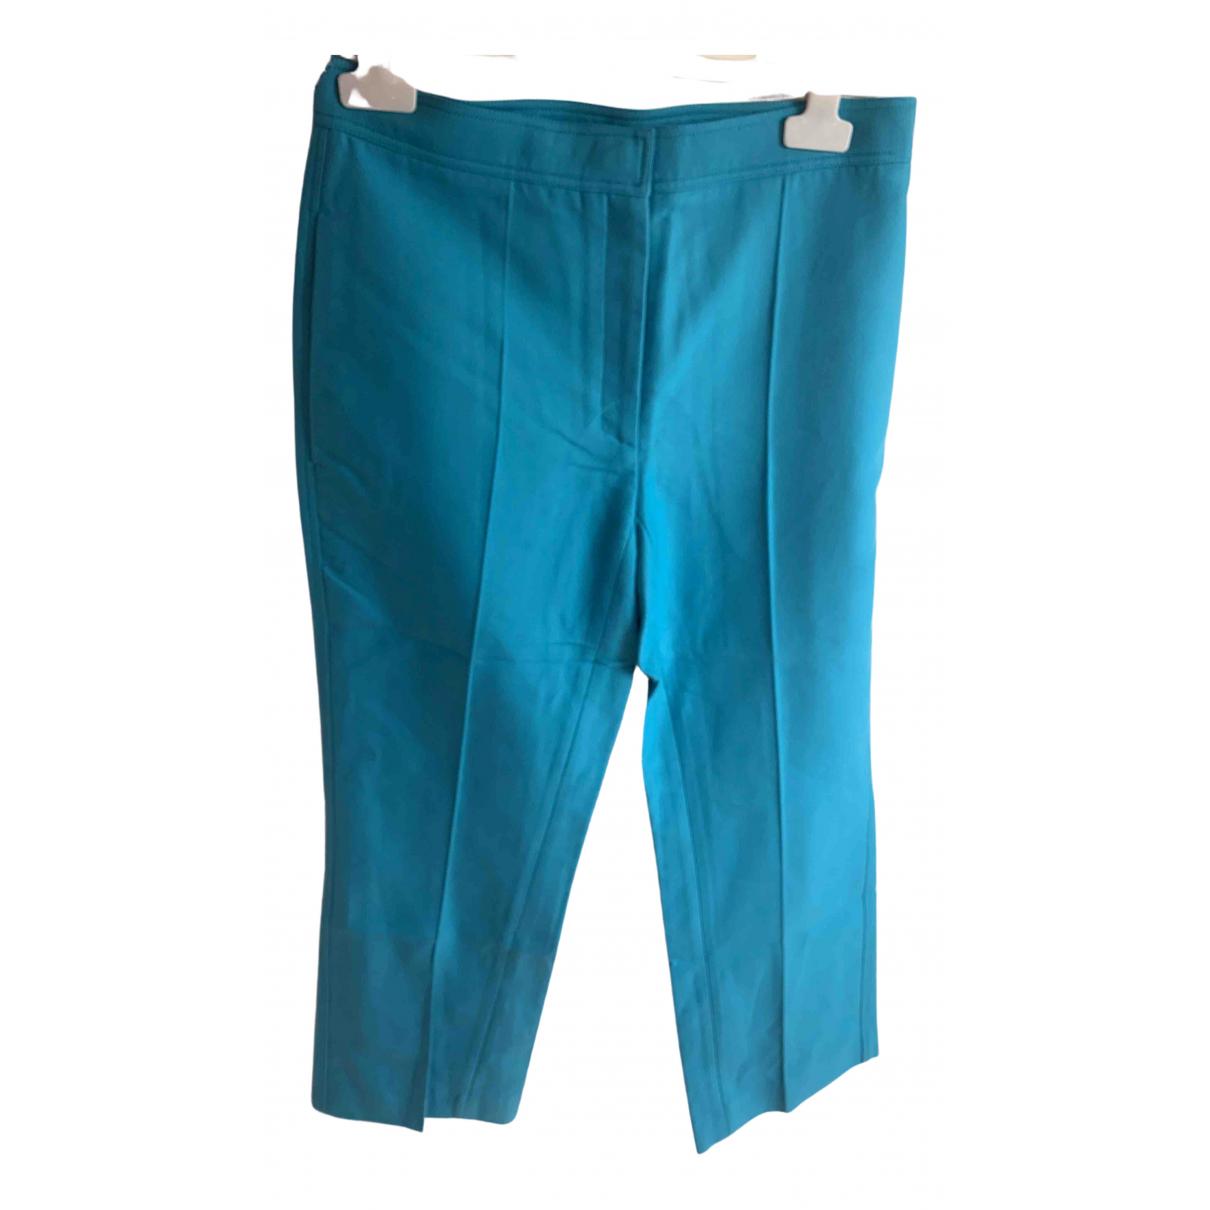 Pantalon corto Sandro